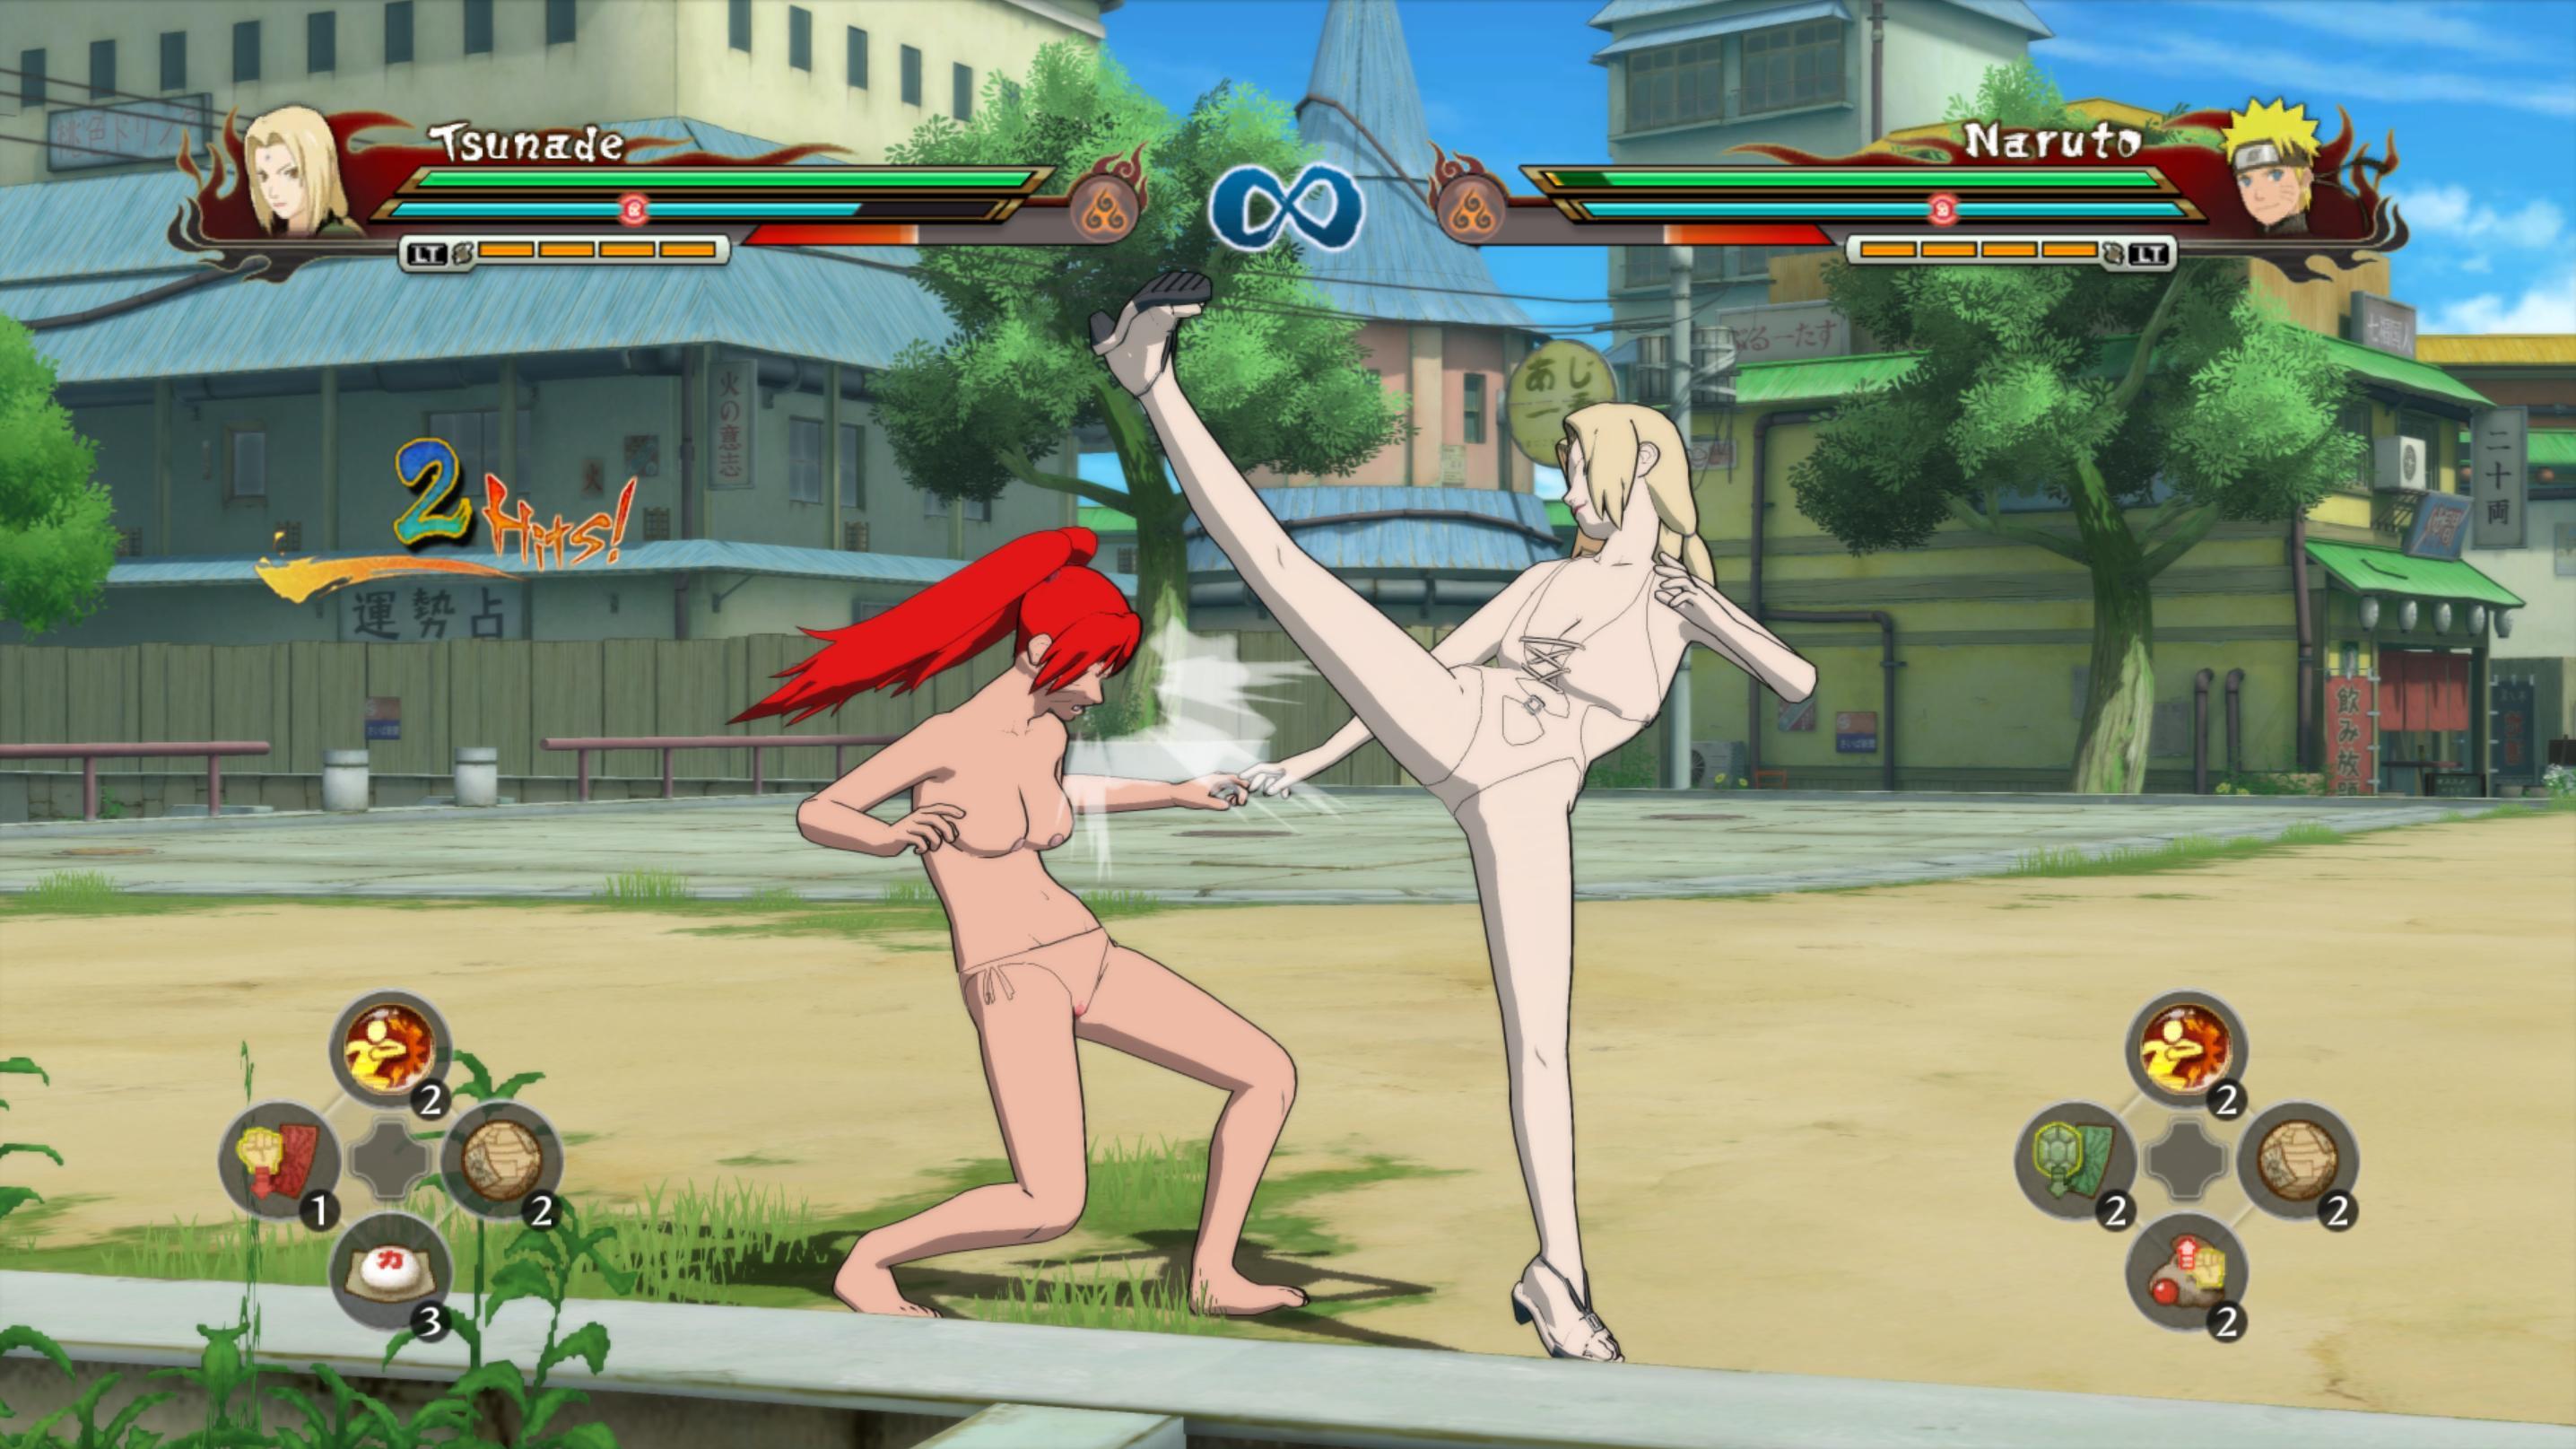 Naruto nude mods xxx photos